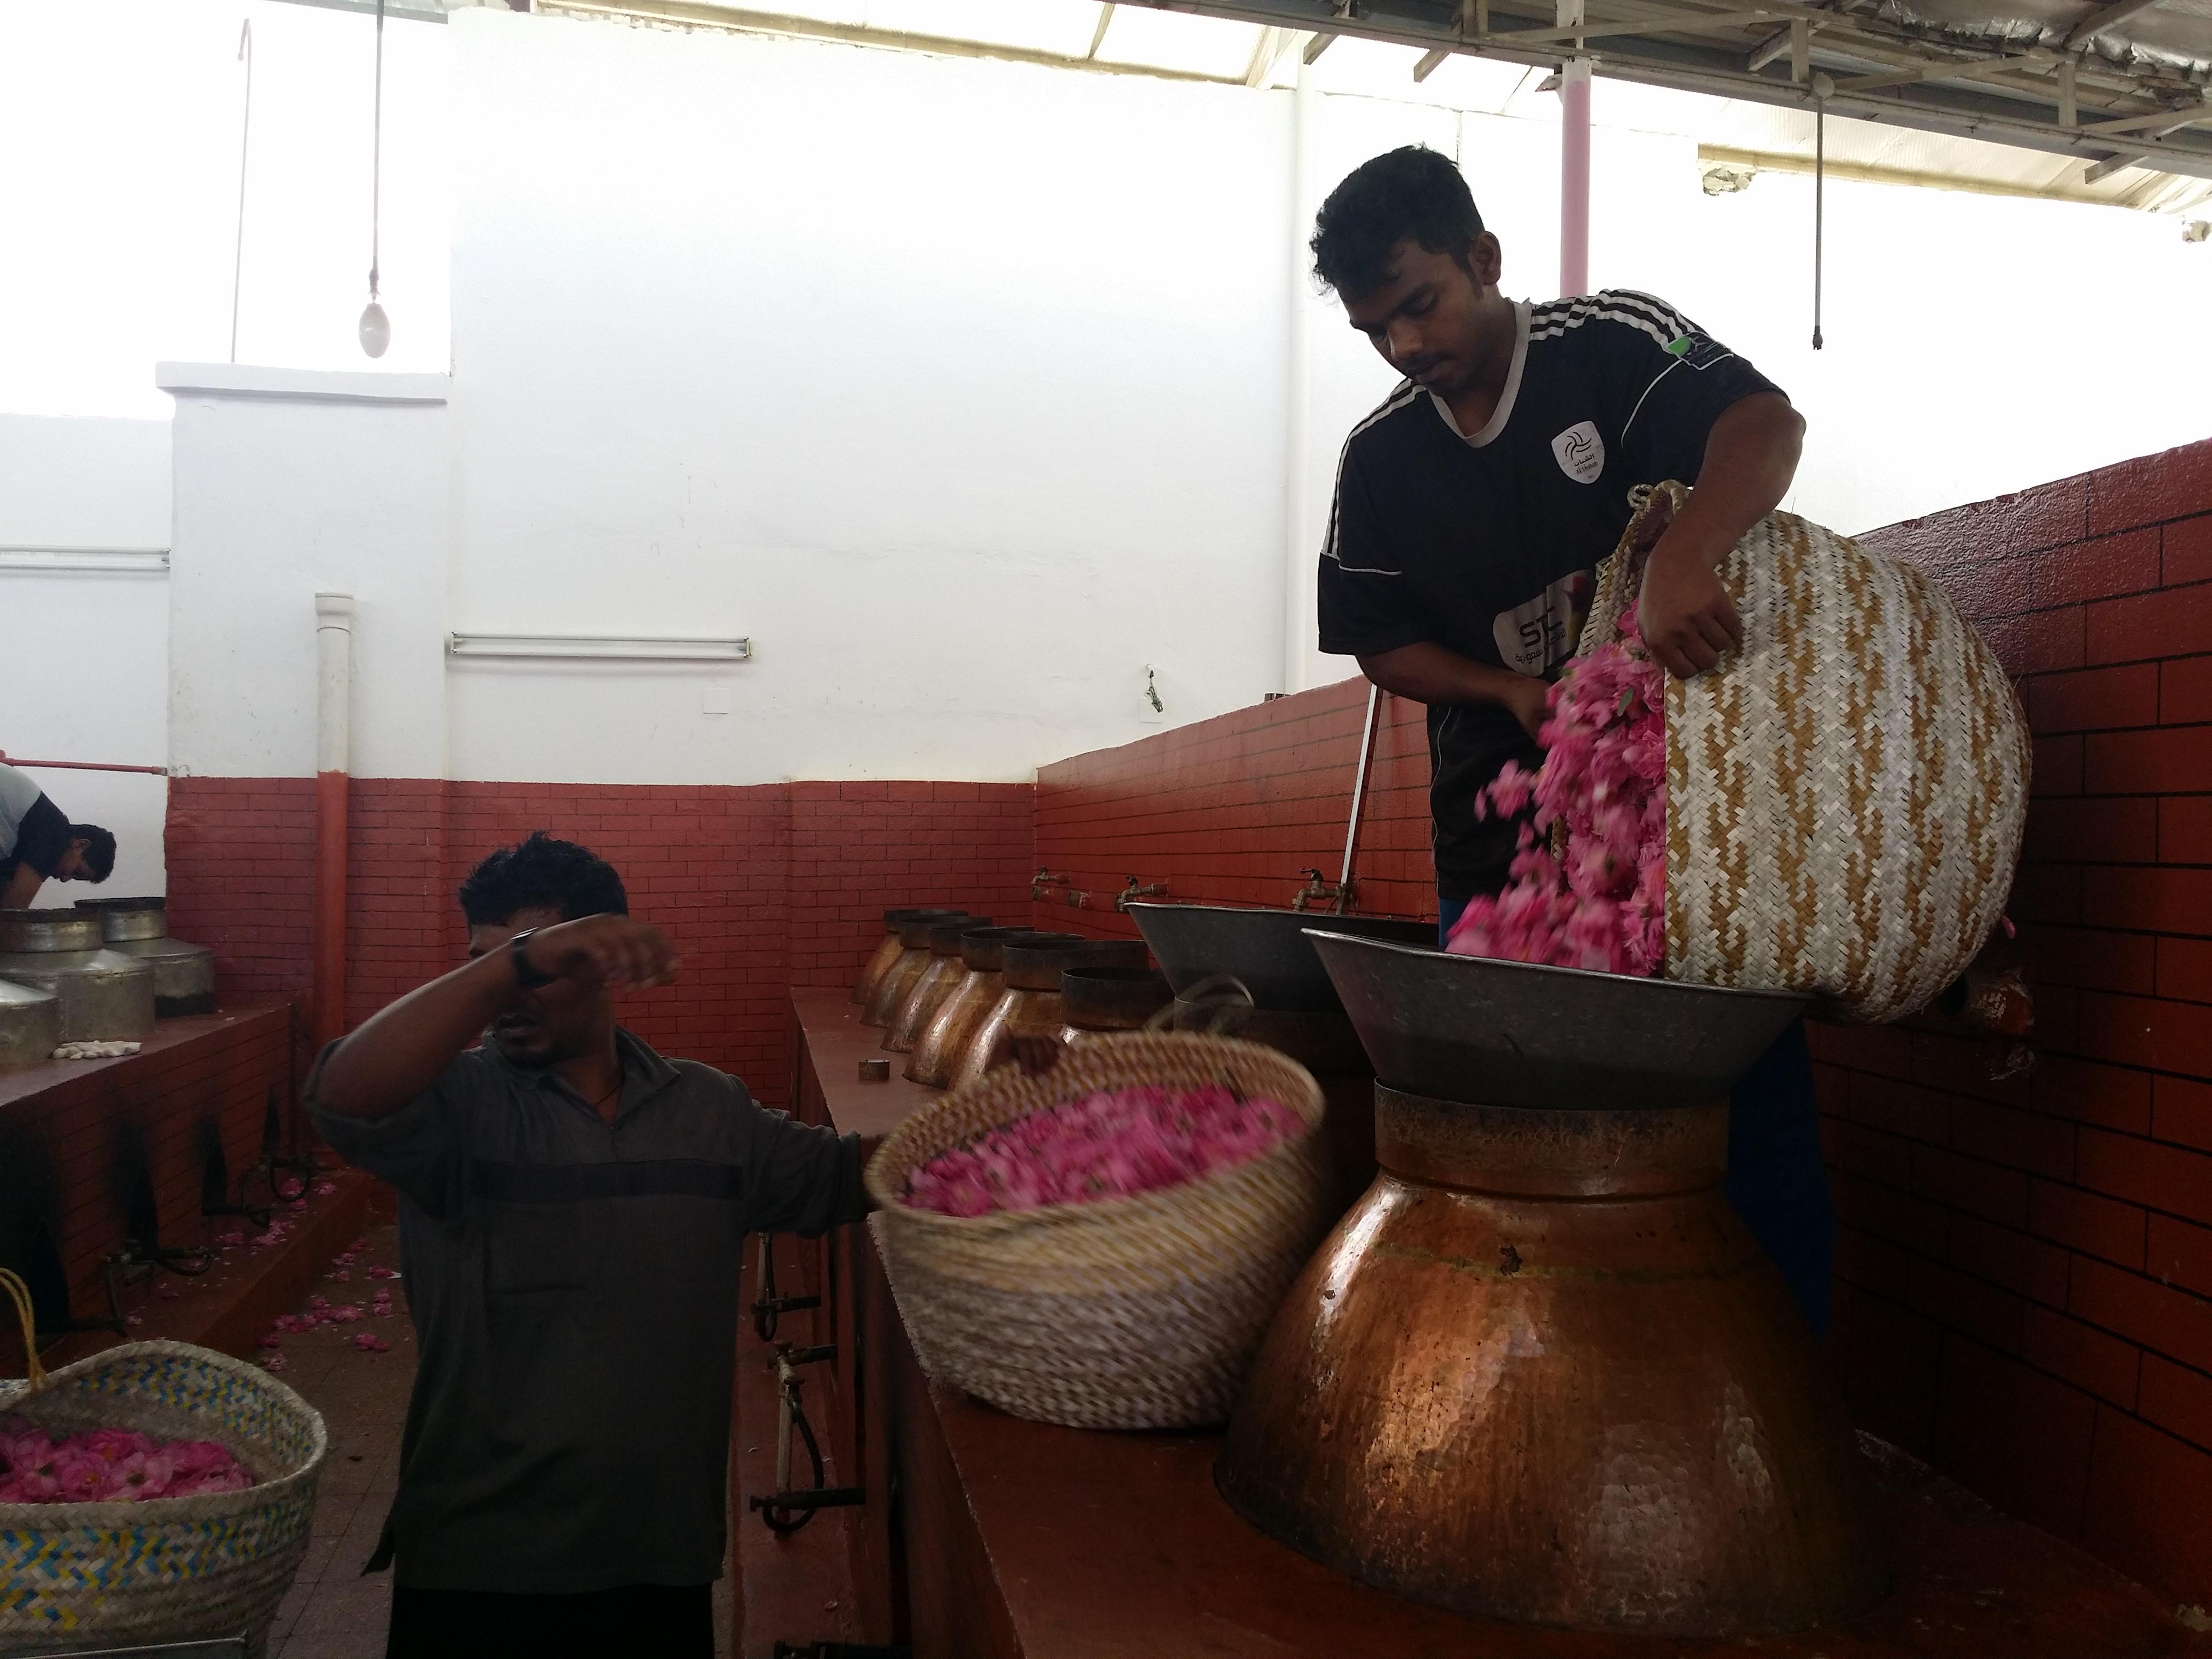 Rose Factory In Taif, Saudi Arabia